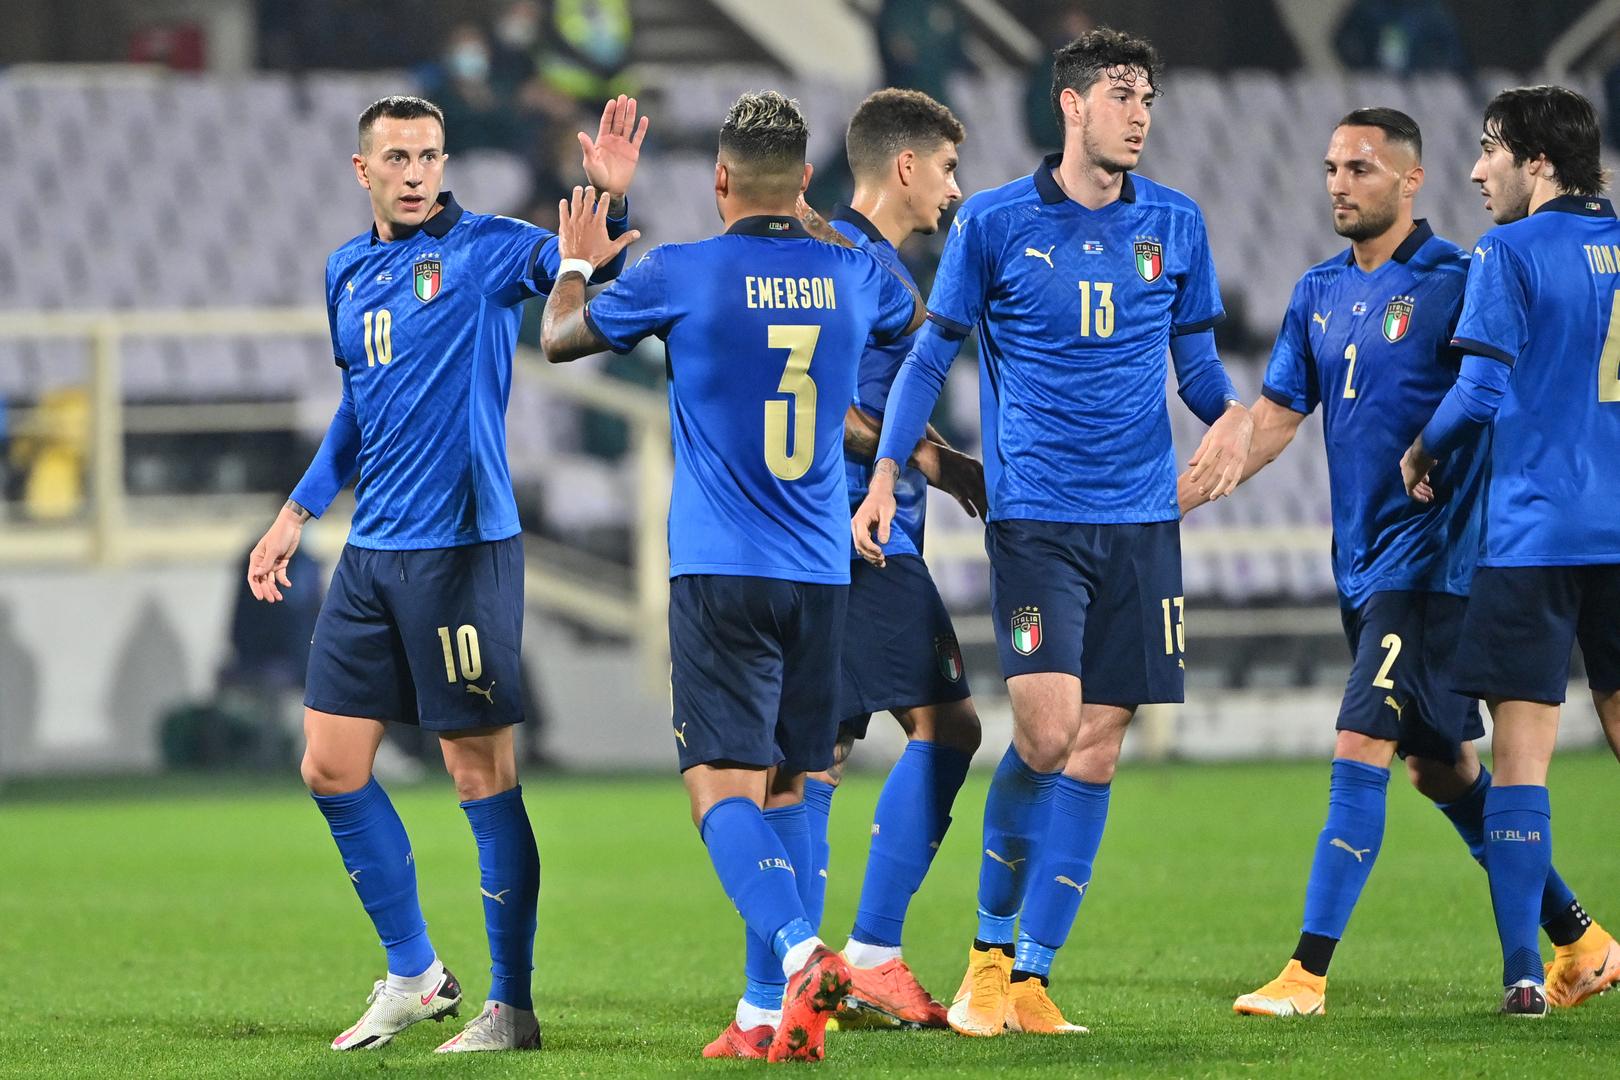 الكشف عن سادس لاعب في منتخب إيطاليا يصاب بكوفيد-19